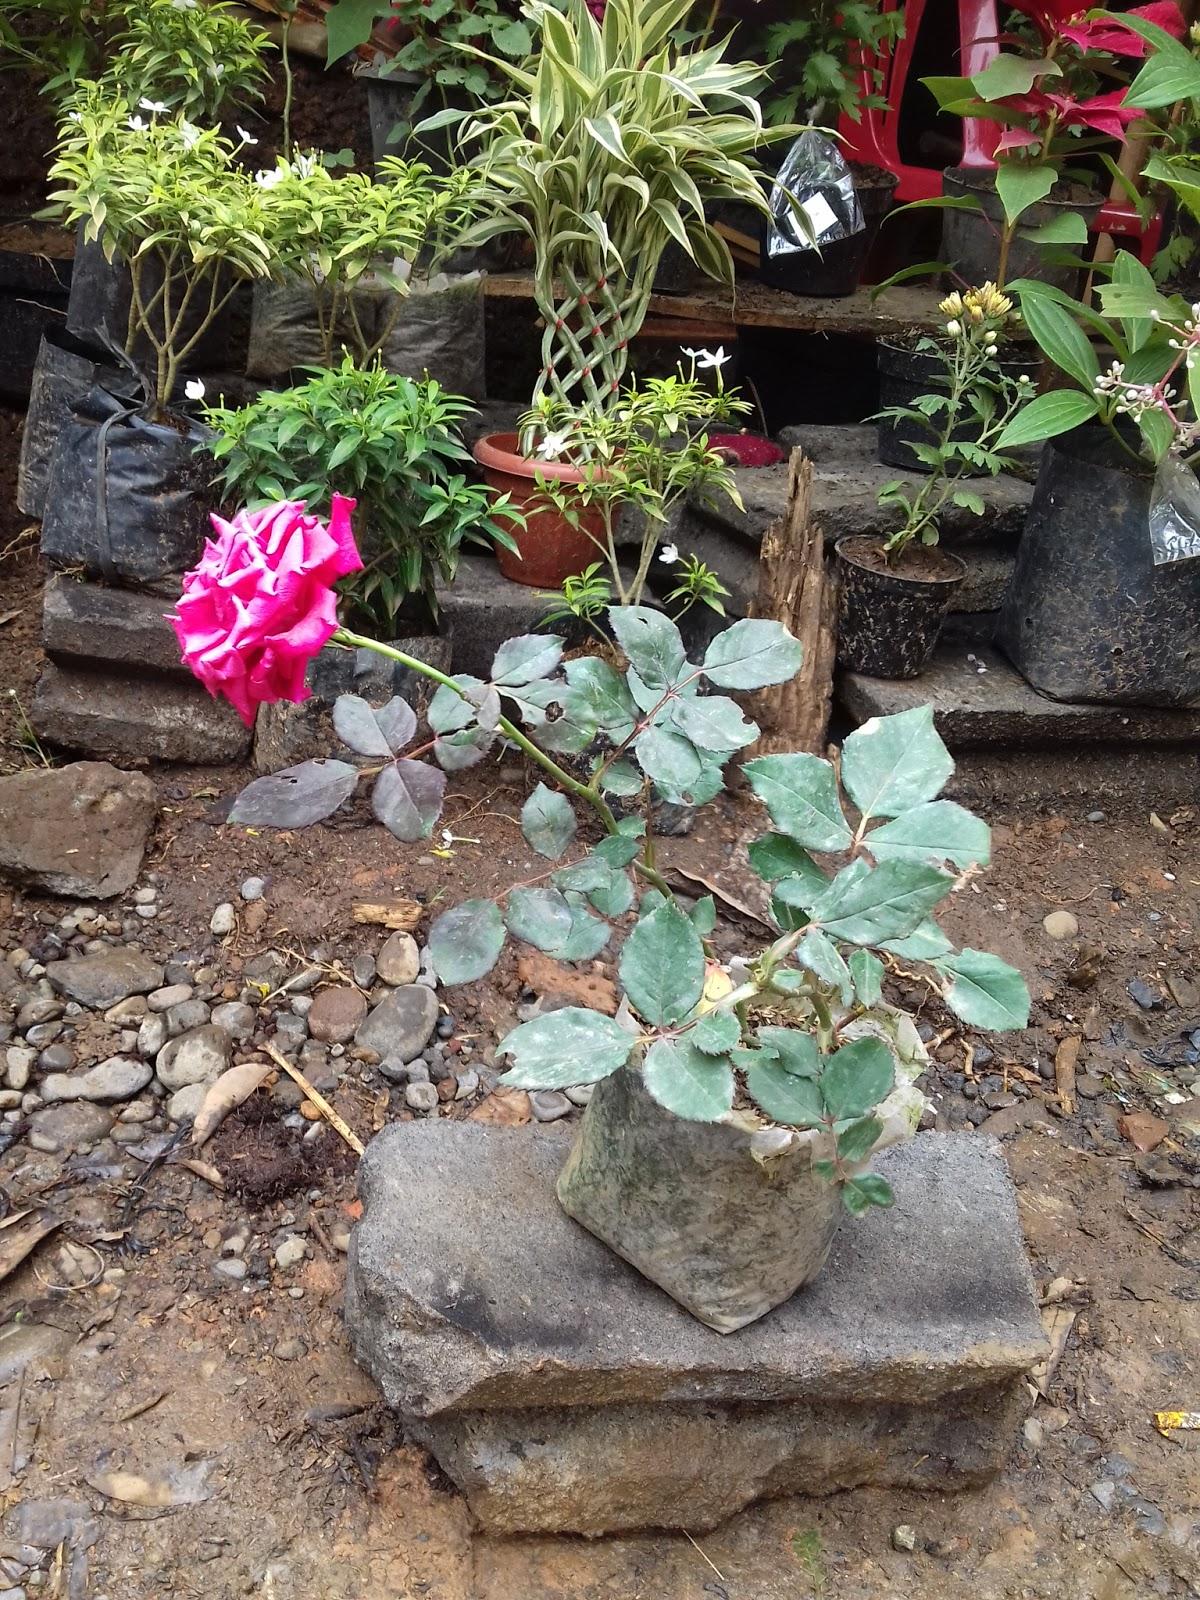 Pesona Bunga Mawar Yang Begitu Indah Pusat Bibit Hortikultura Unggul